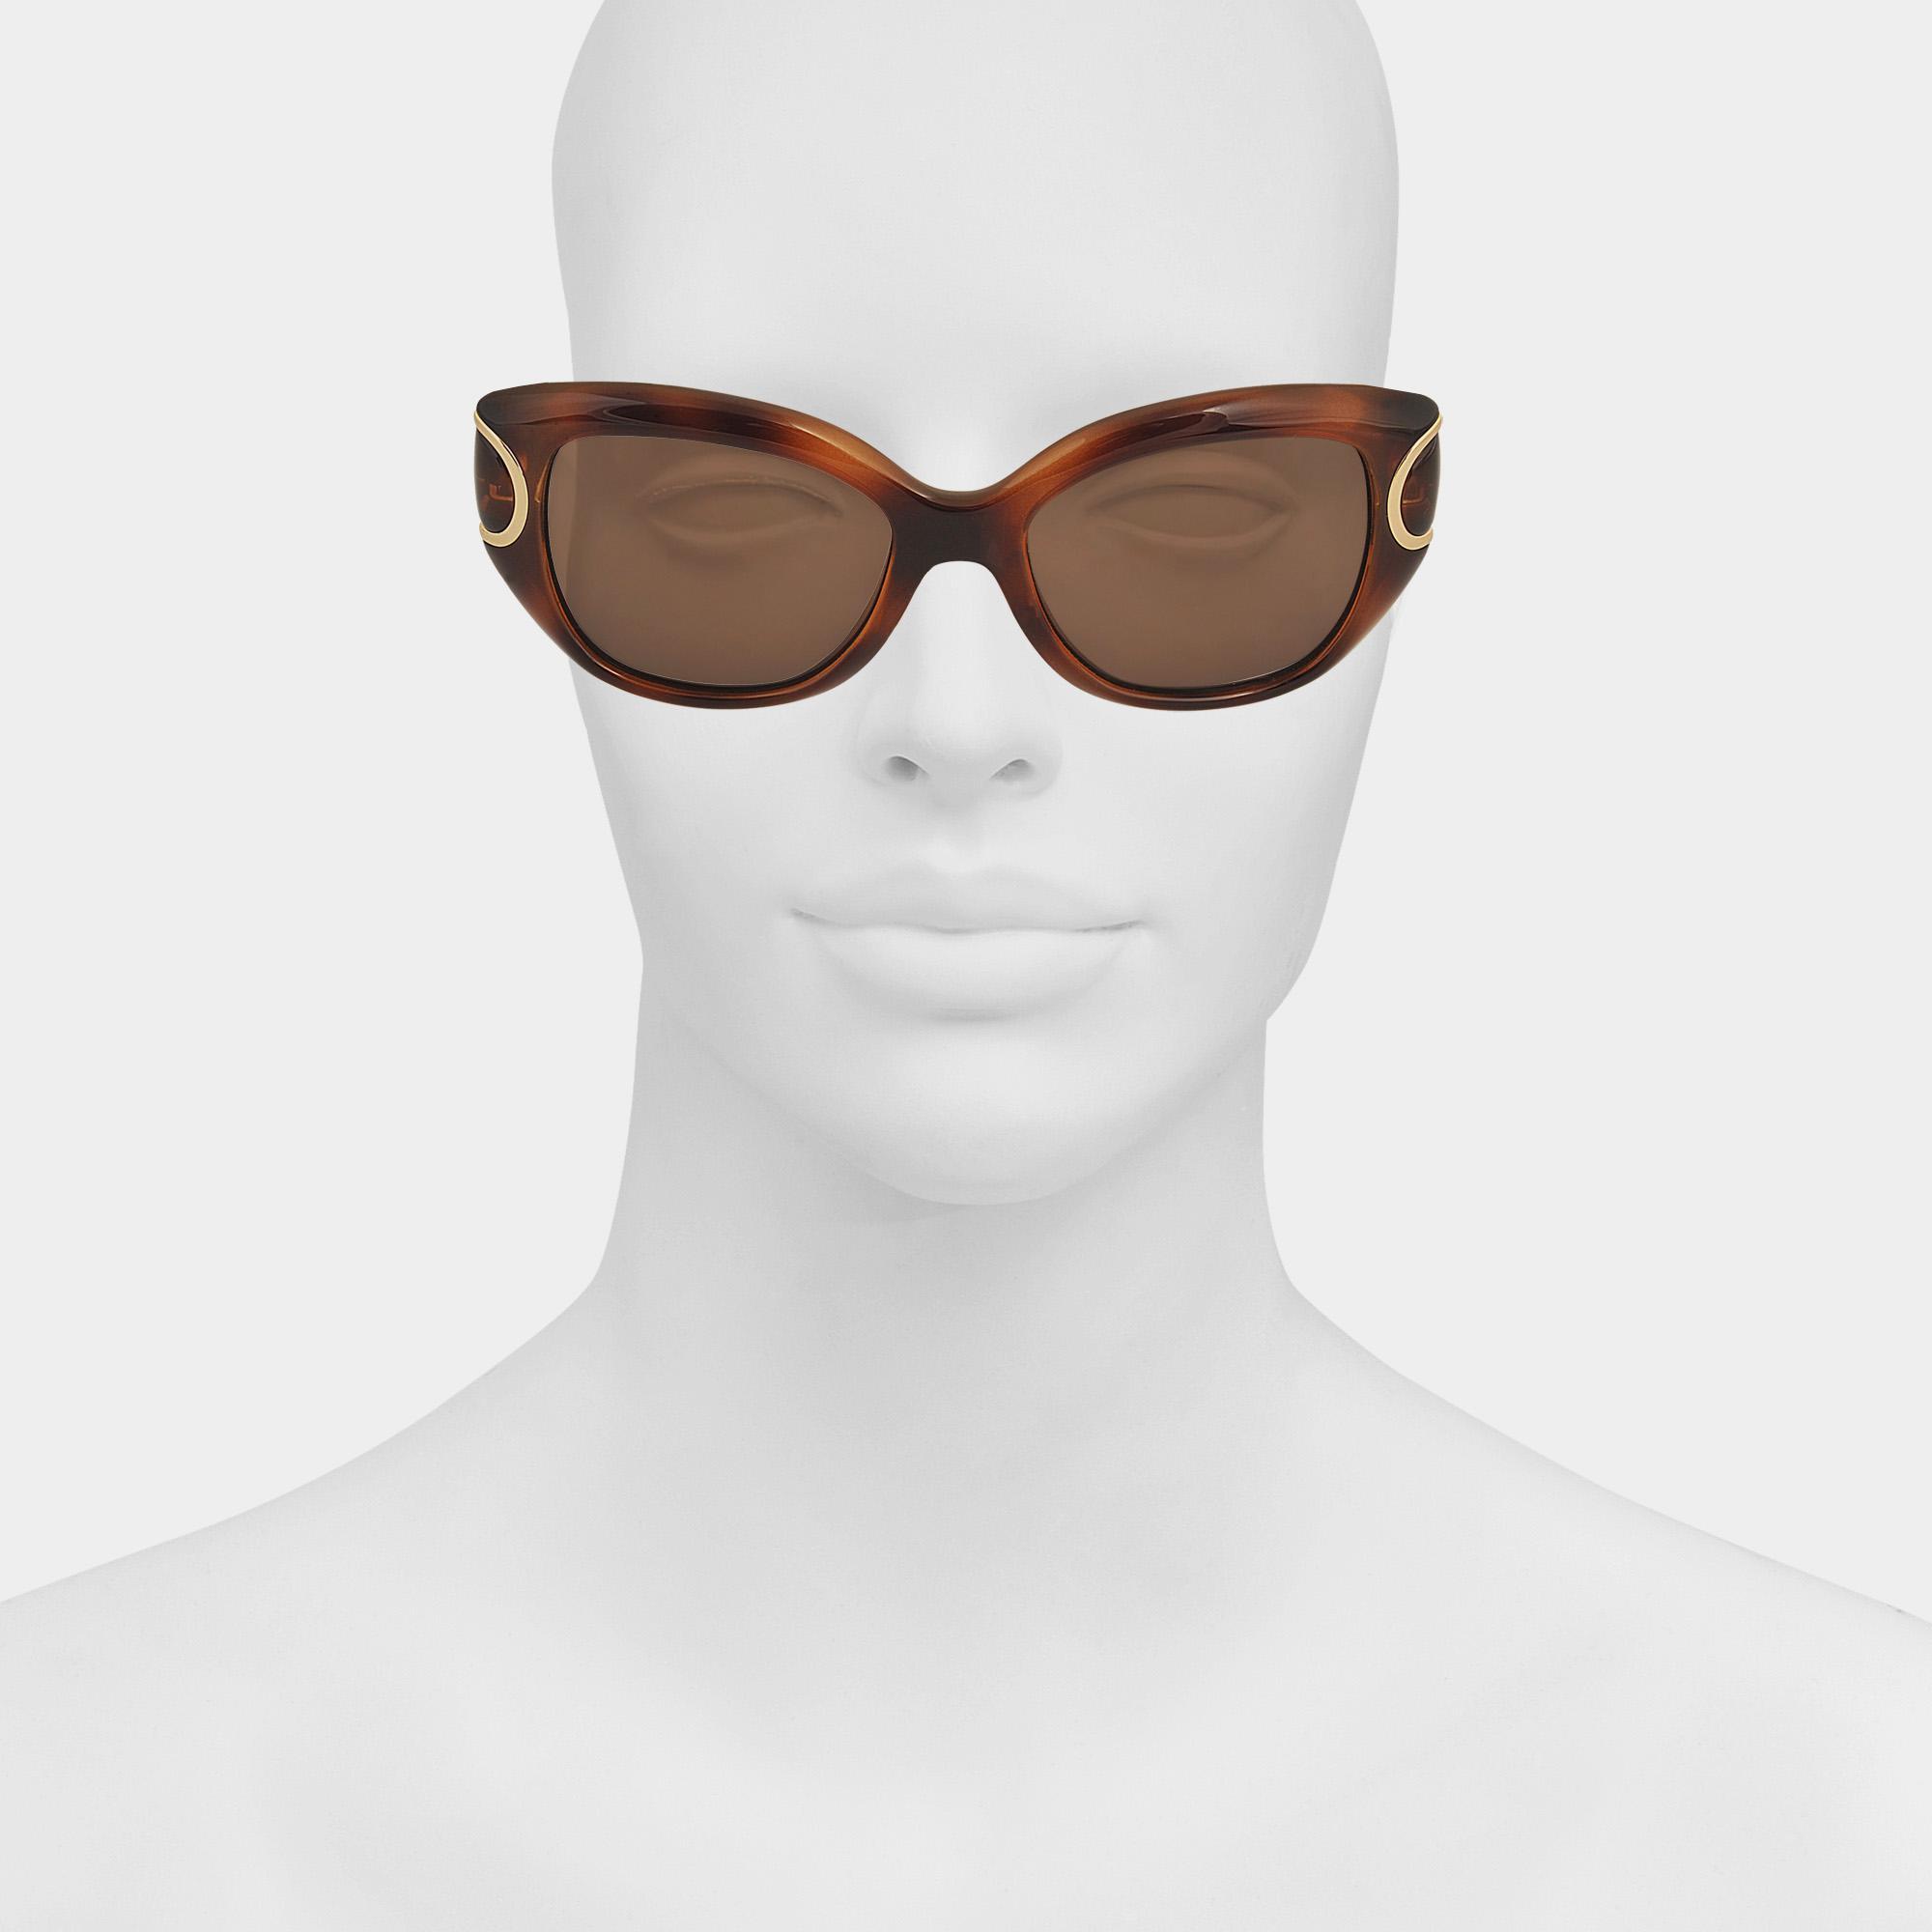 Ferragamo Sf819s Signature Sunglasses in Brown